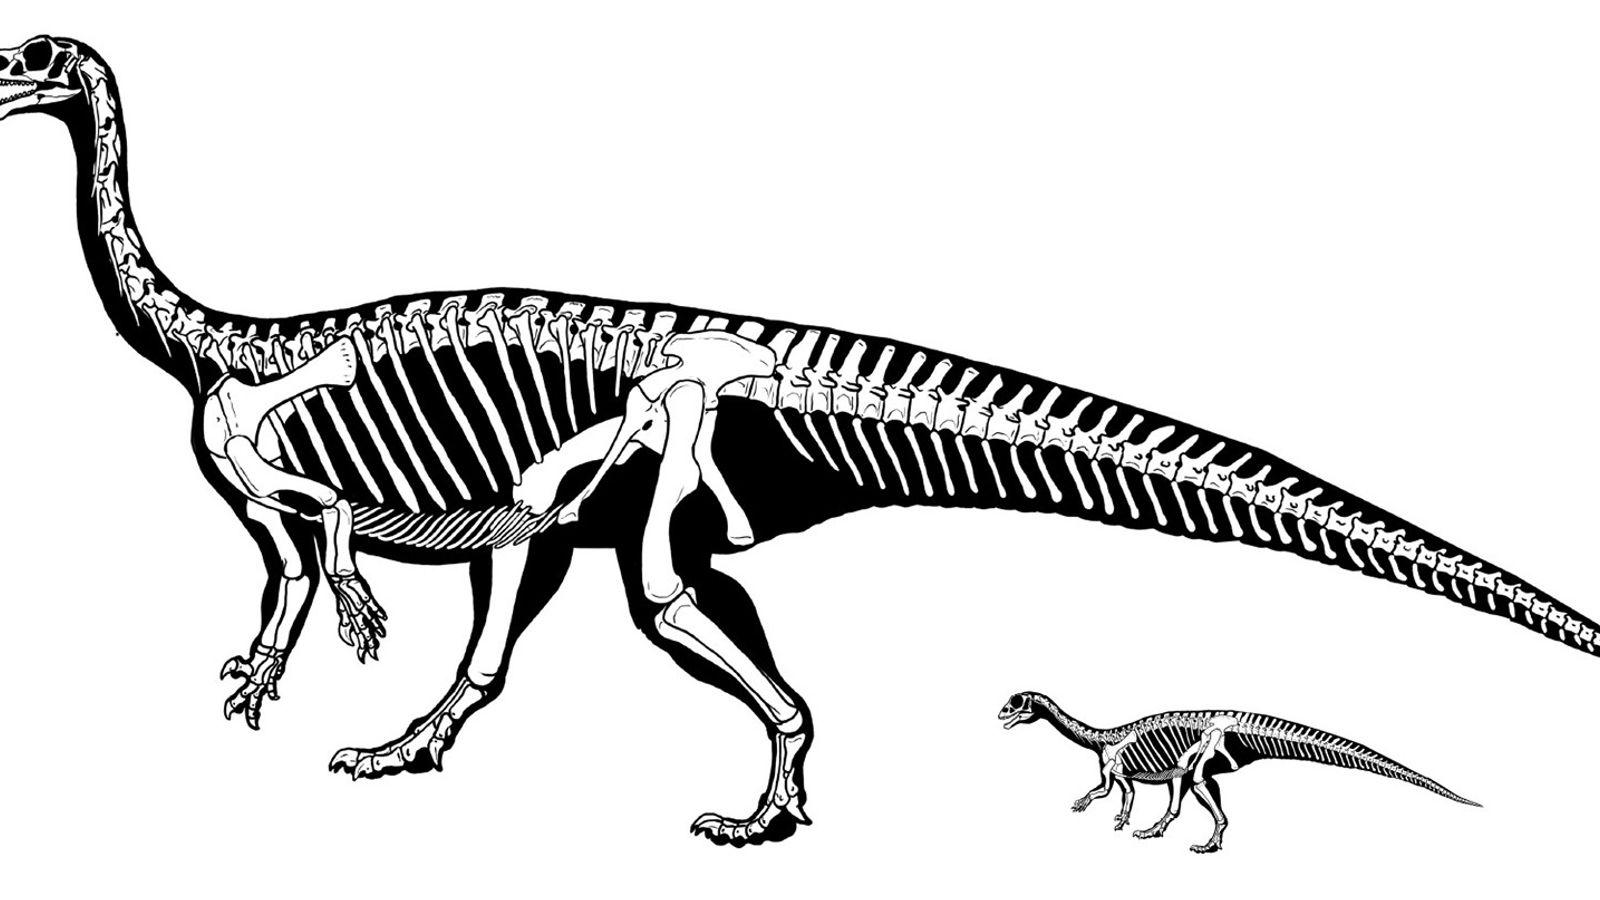 Nach dem Schlüpfen lief dieser Mussaurus patagonicus auf allen Vieren. Als er heranwuchs, verlagerte sich sein ...